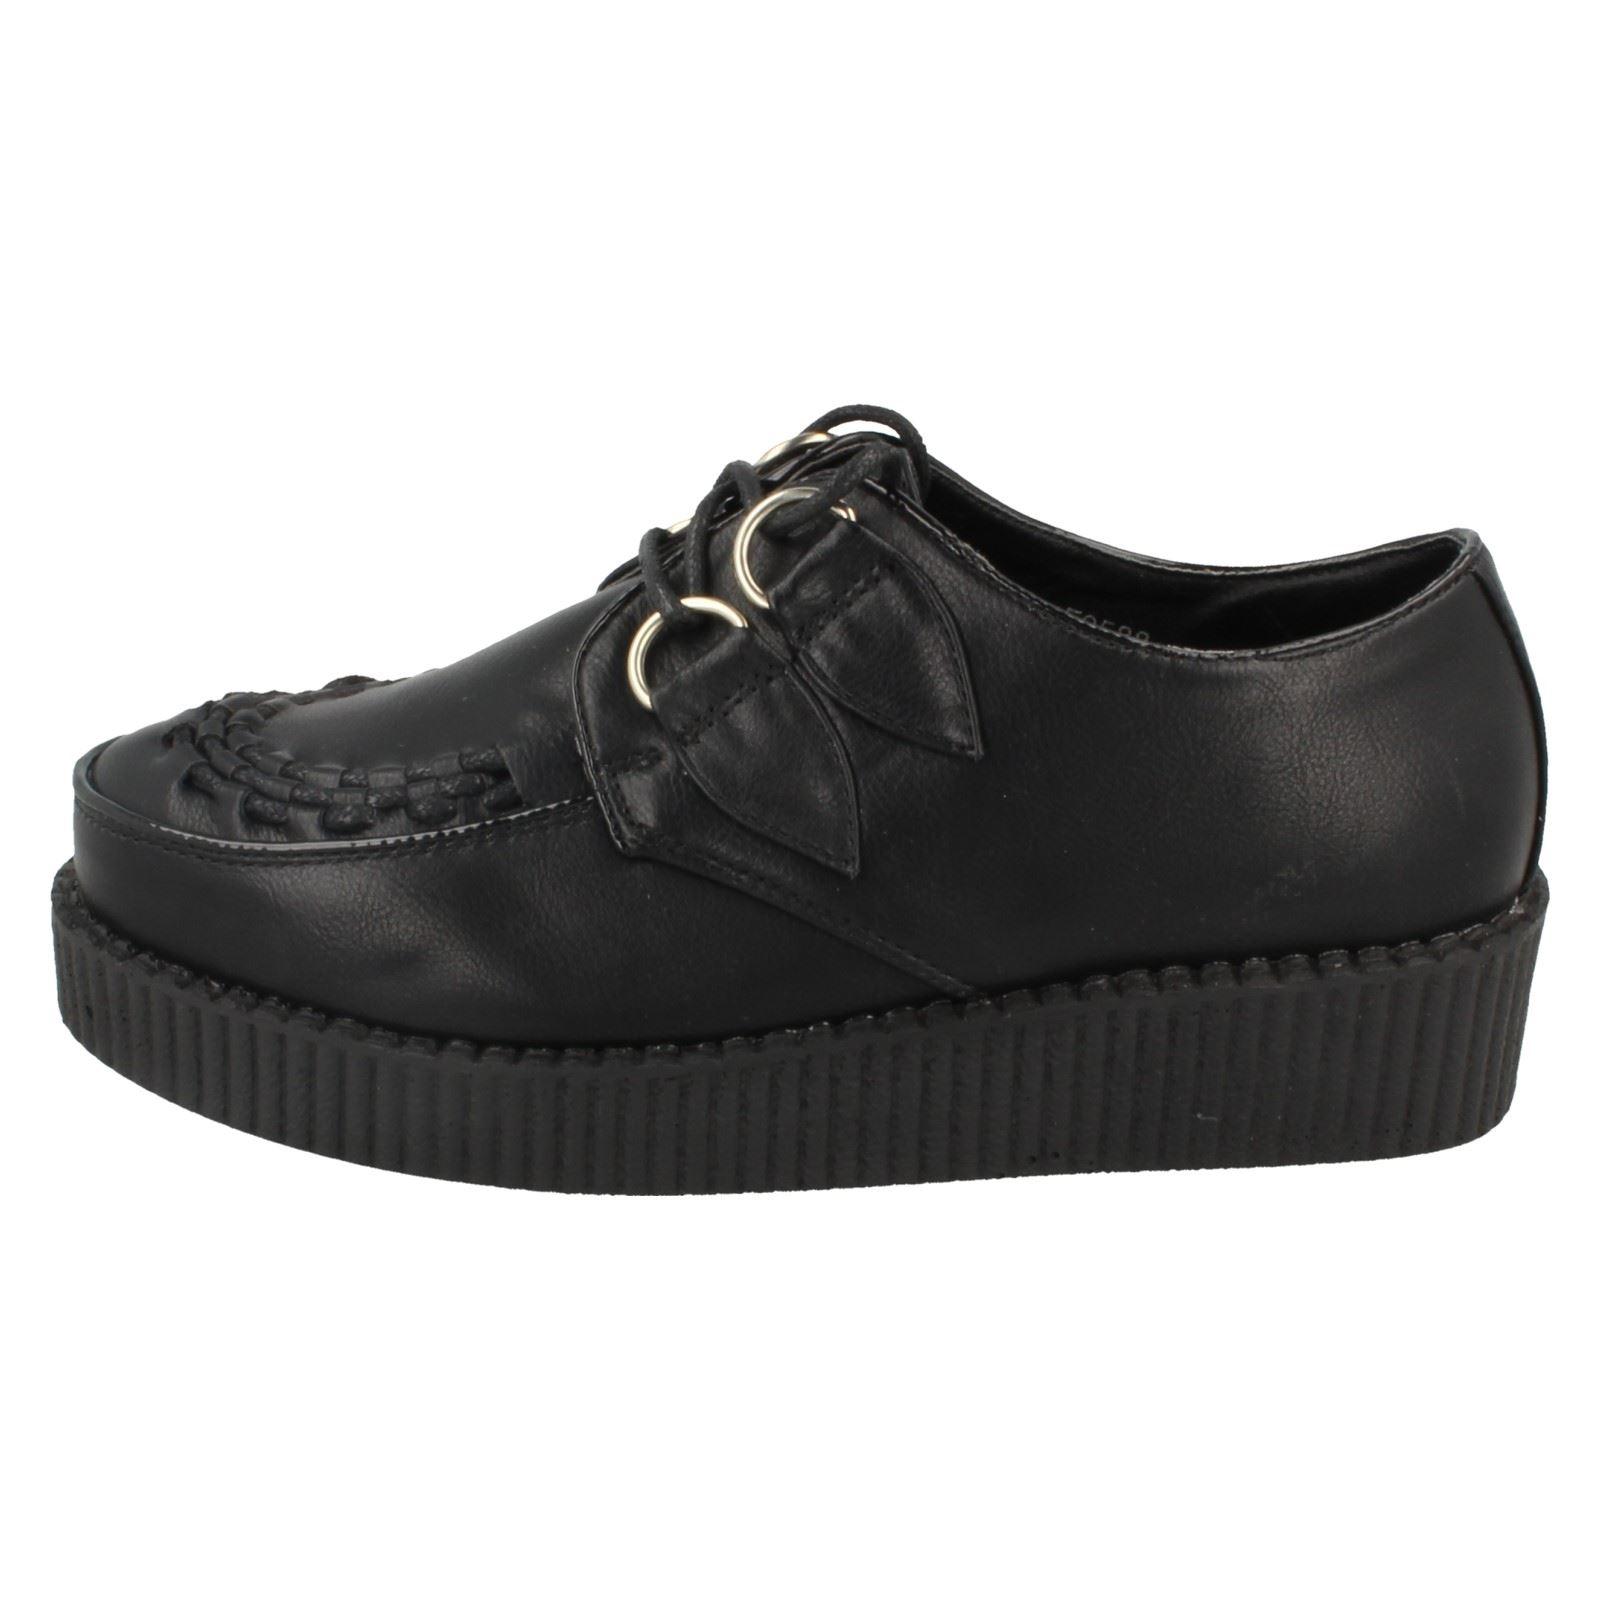 Femmes Spot on casual semelles épaisses Chaussures